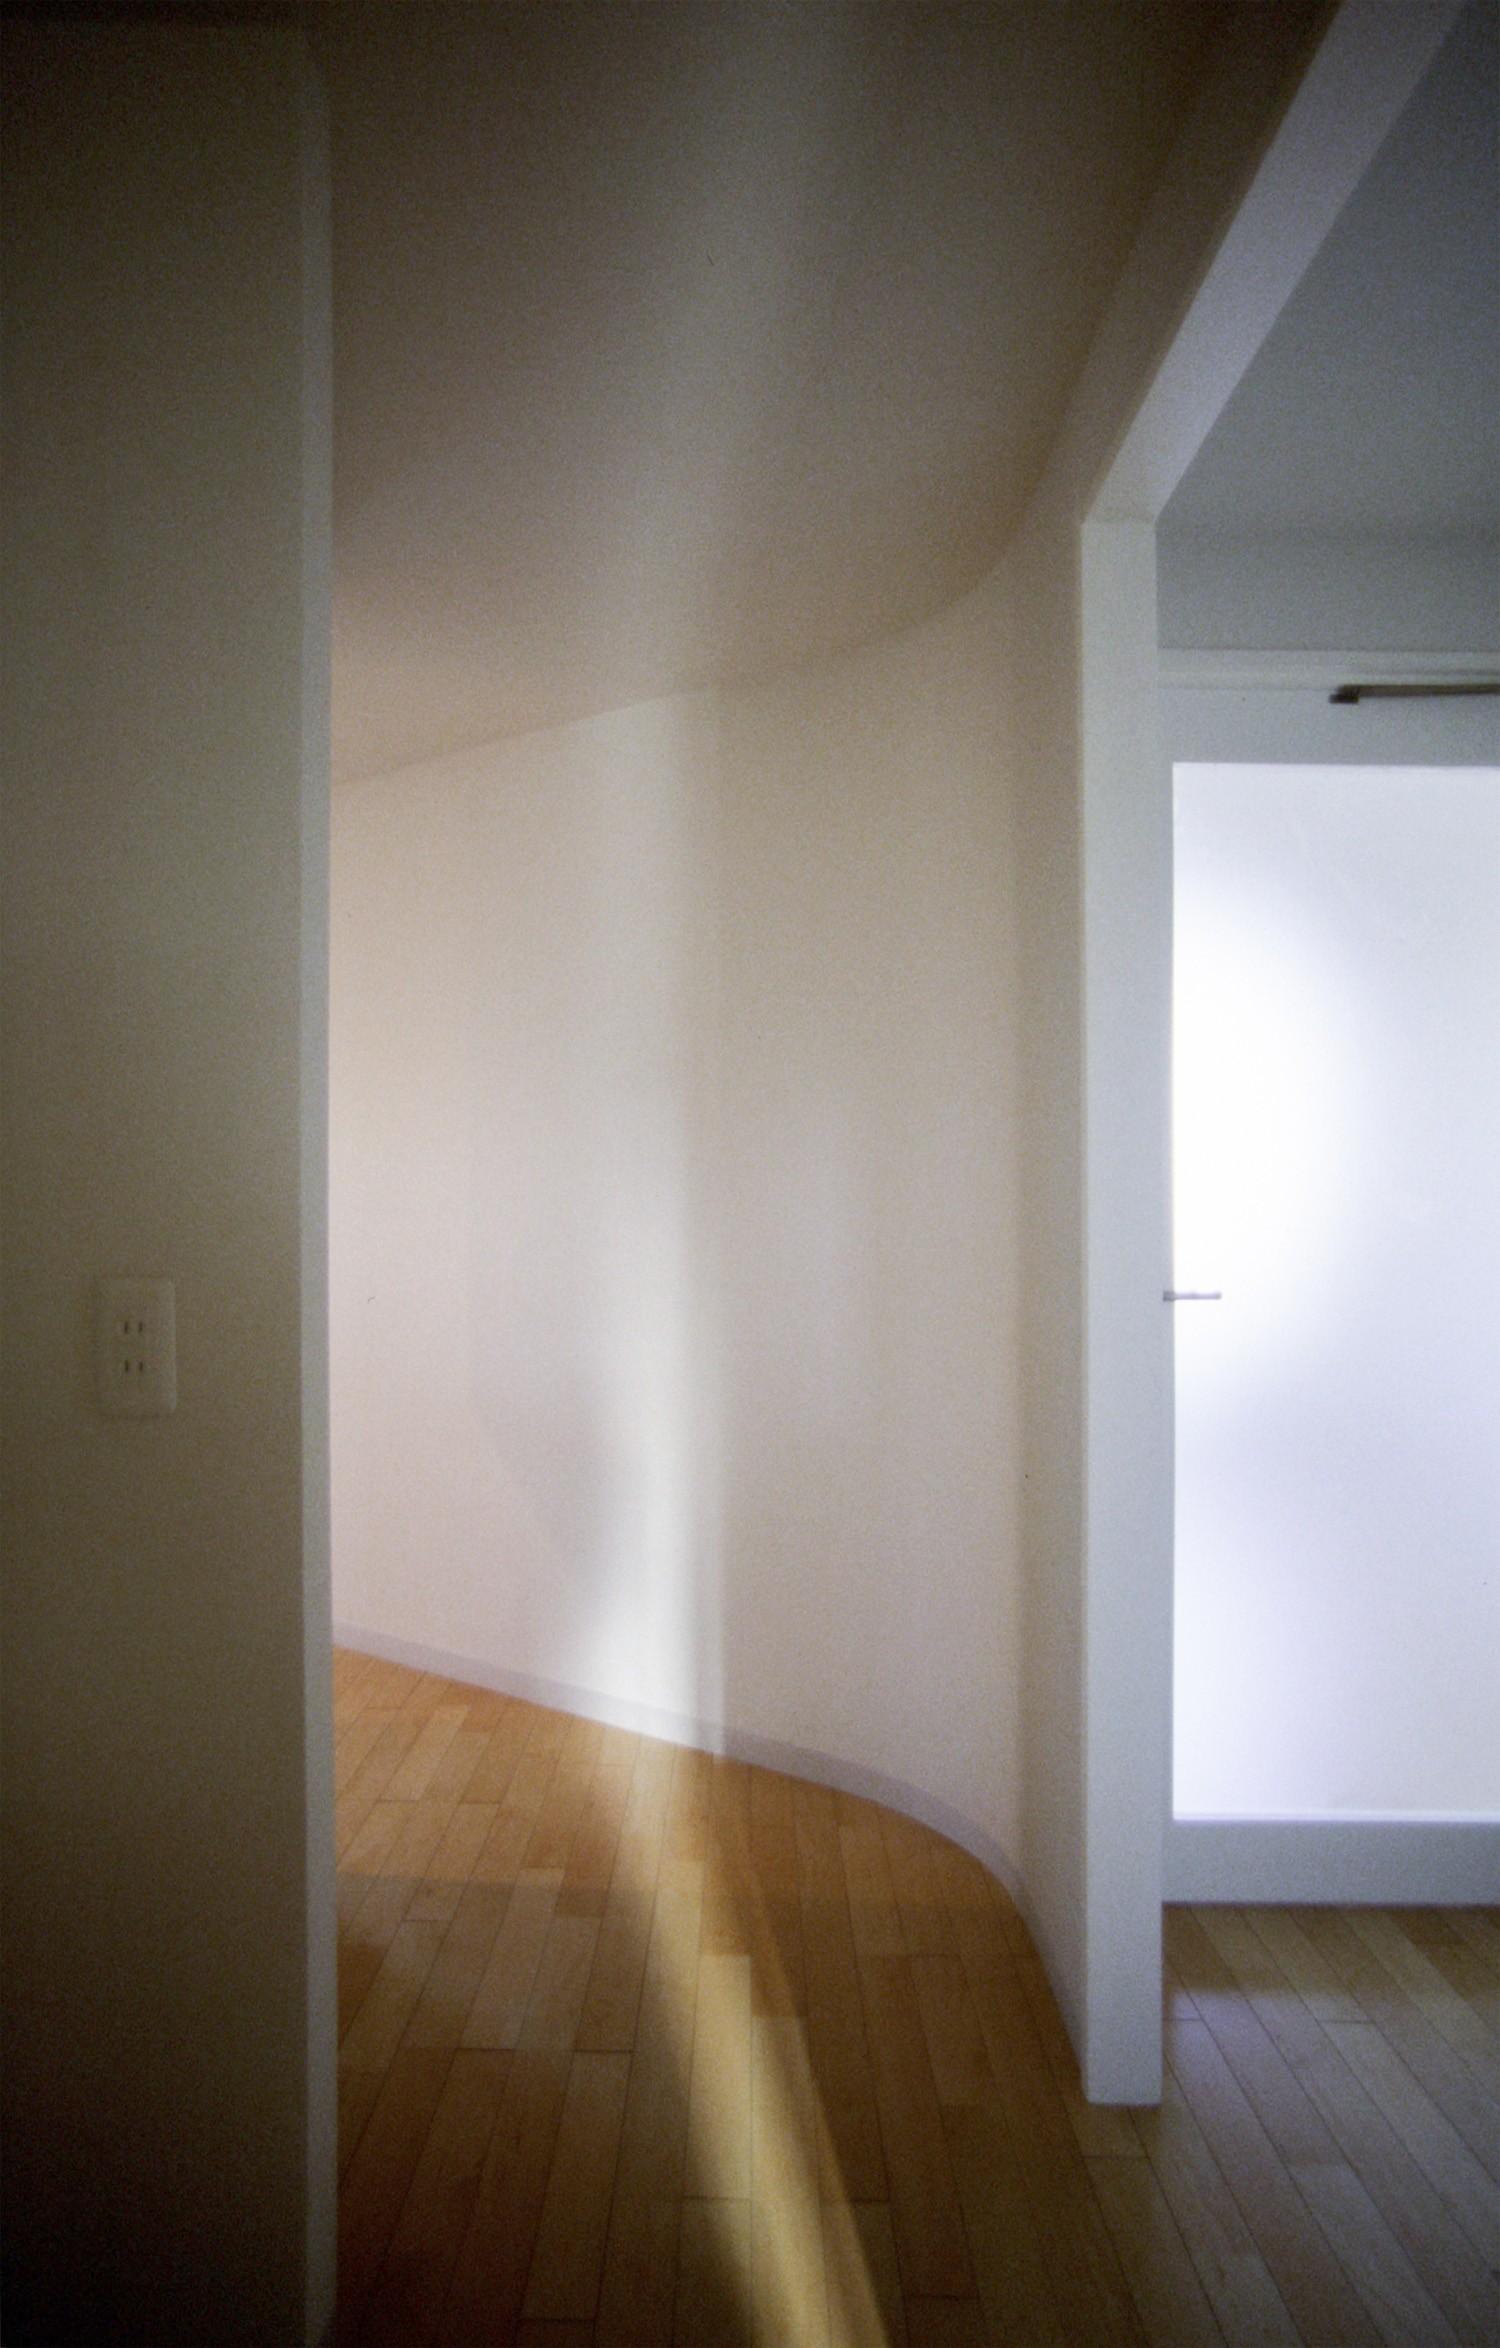 ベッドルーム事例:主寝室入り口(東京中野 ミニマル・シンプルな空間へマンションリノベーション)